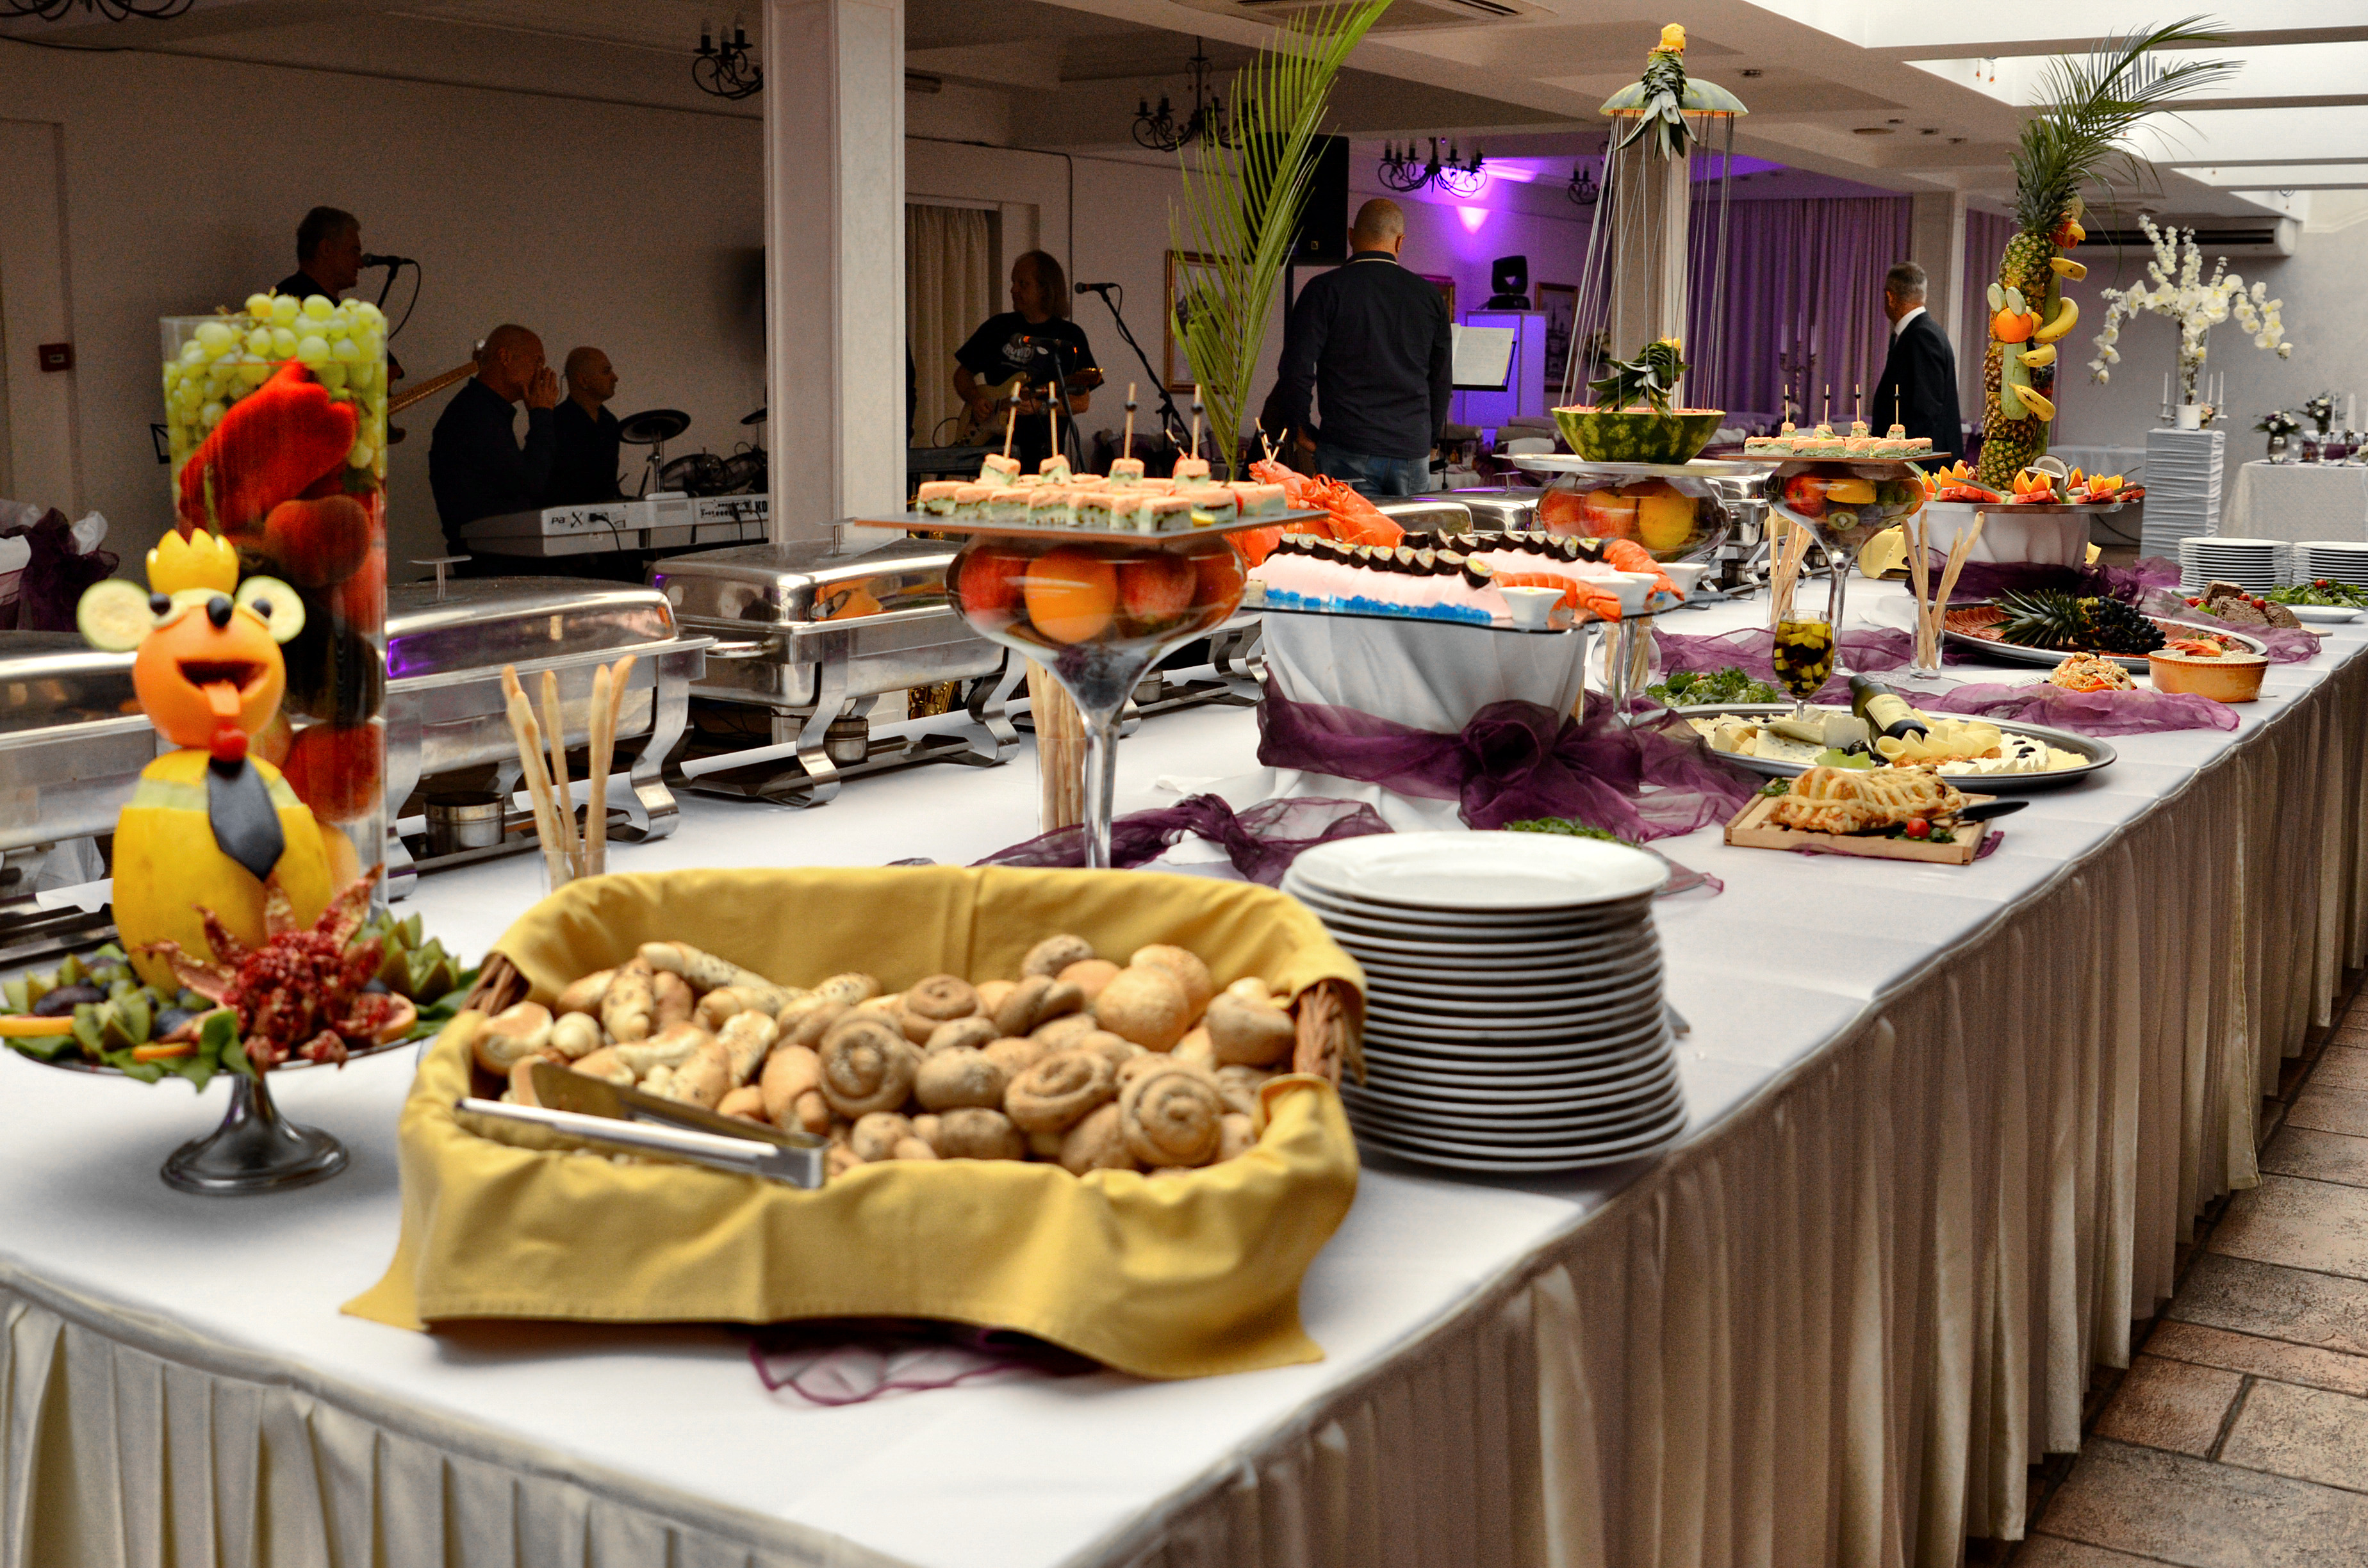 Hrana-dekoracije-2016-105